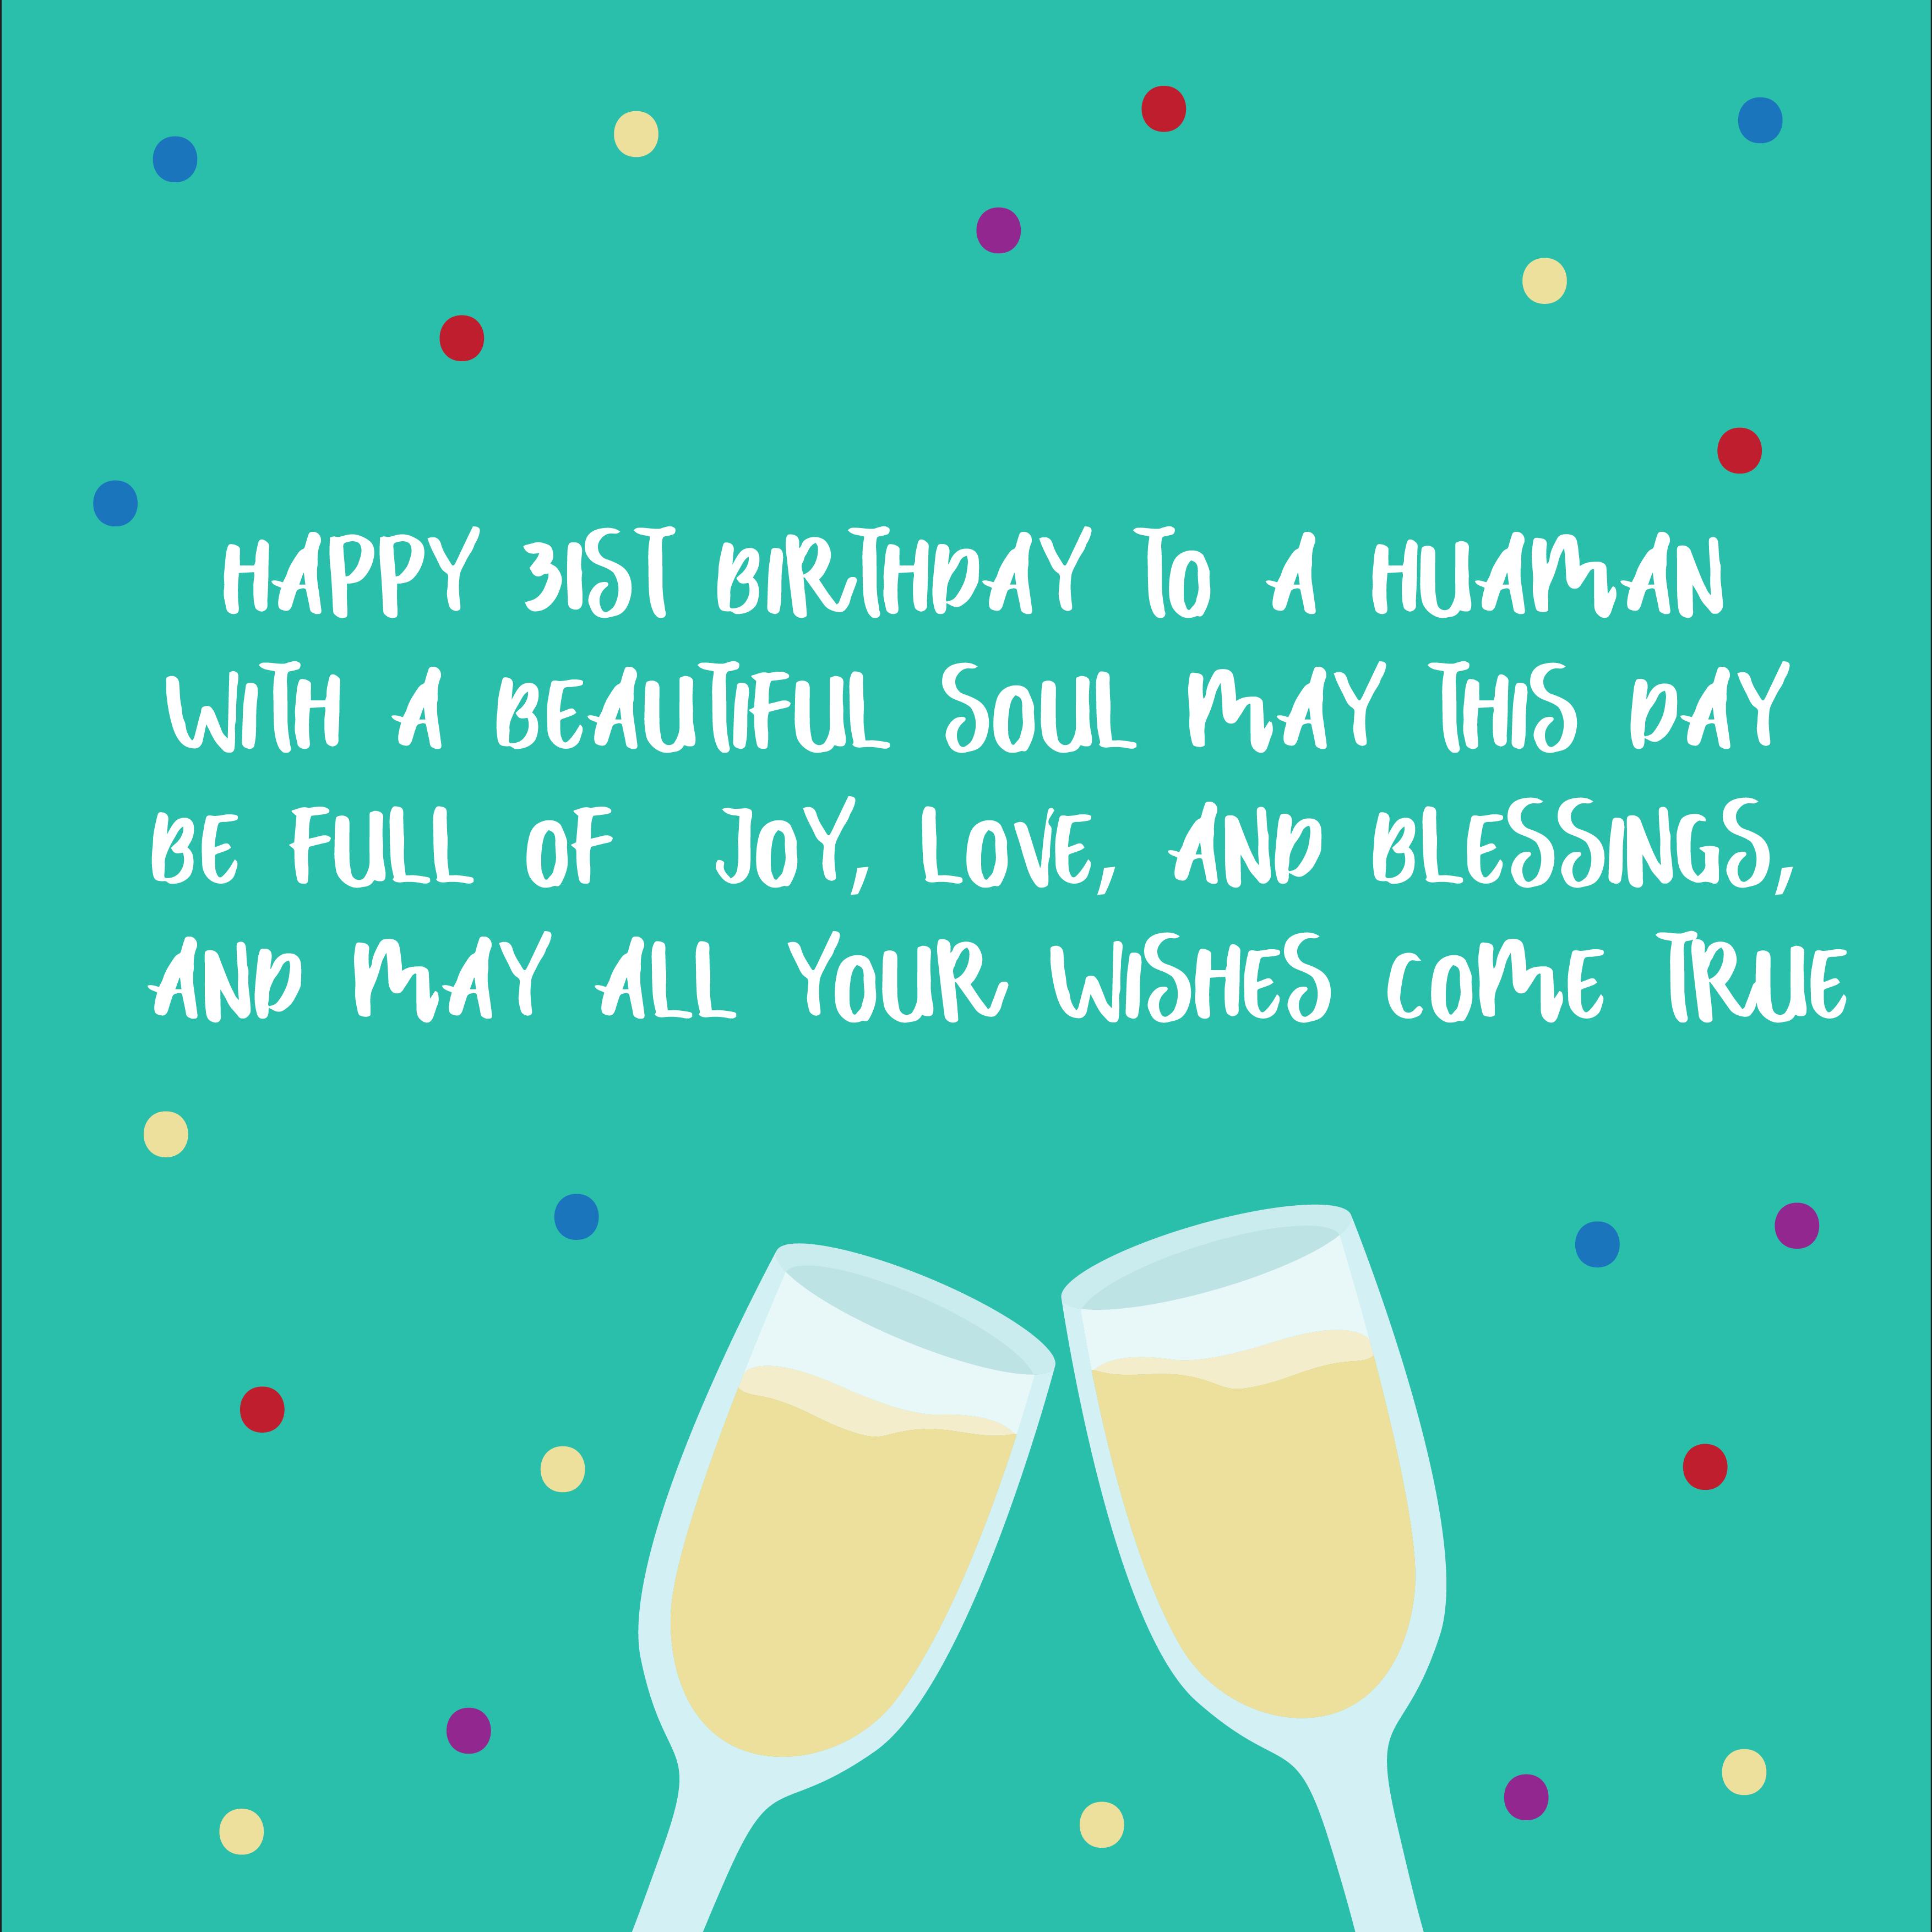 happy-31st-birthday-wishes-06